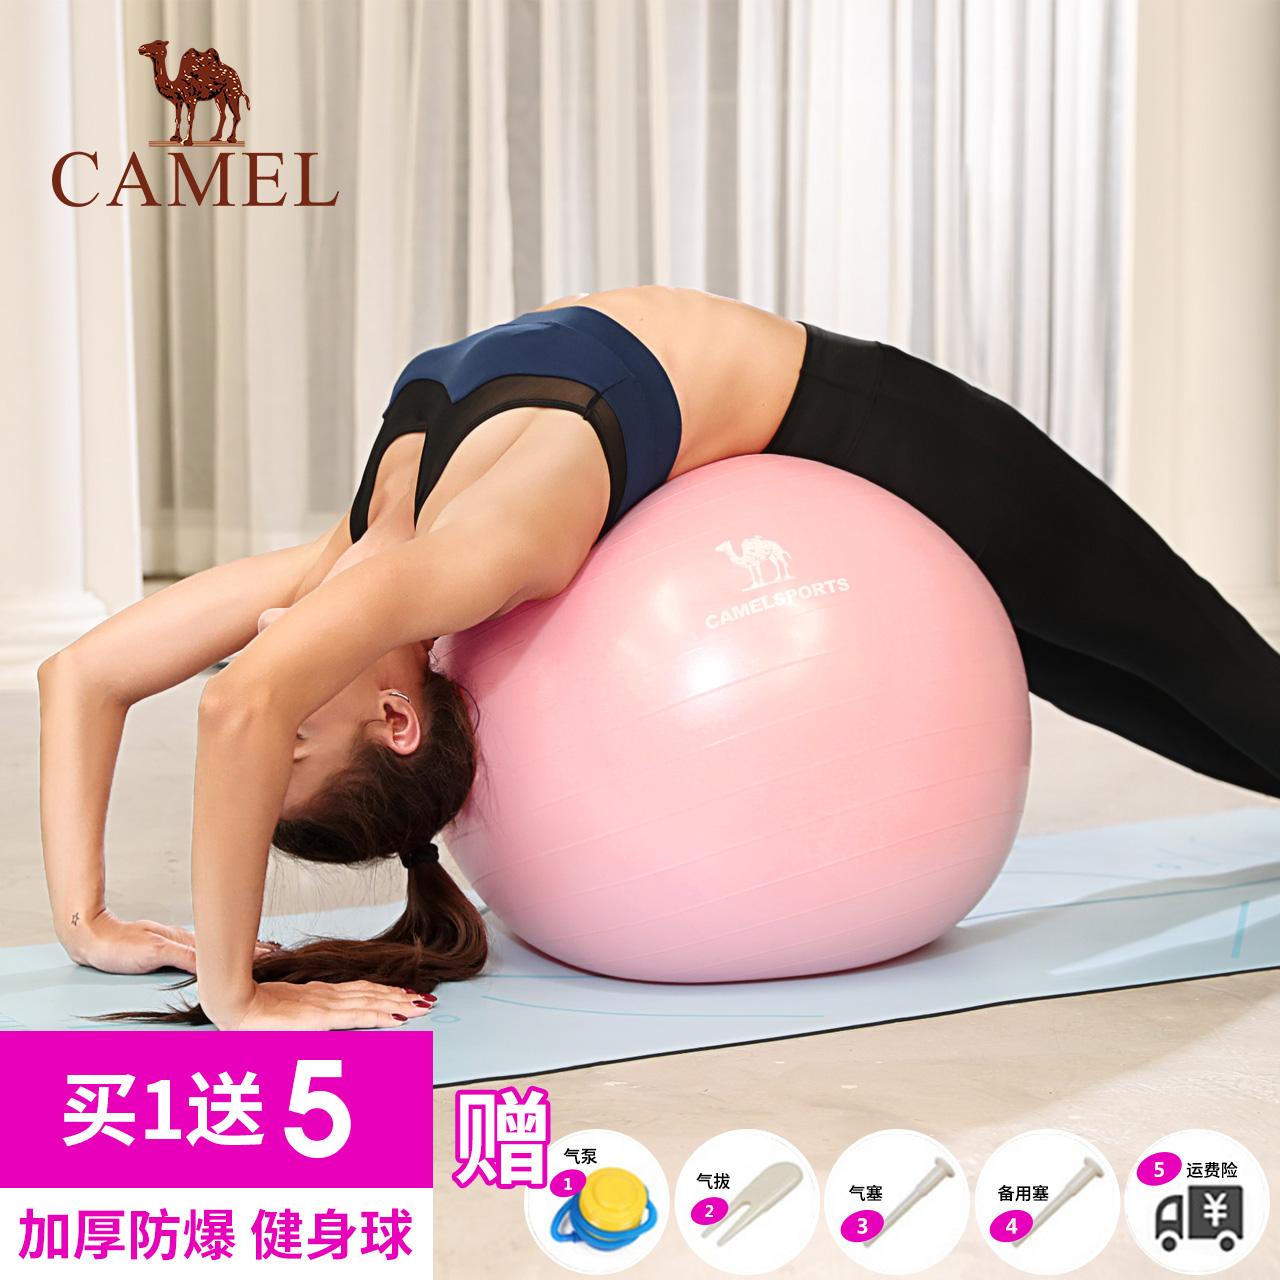 骆驼瑜伽球正品套装加厚防爆初学者健身球儿童球弹力运动瑜珈球女,可领取5元天猫优惠券